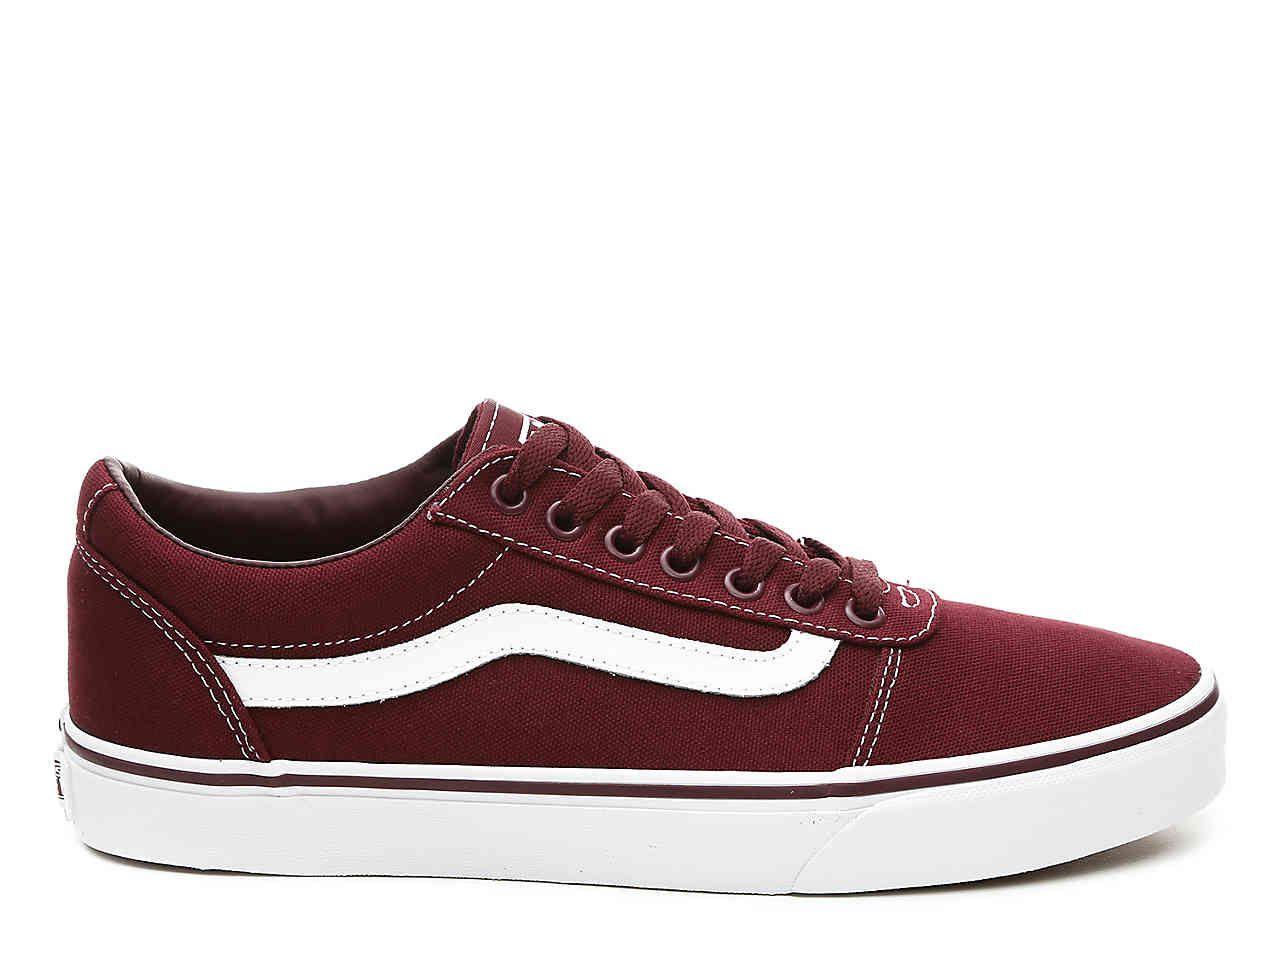 Vans Ward Sneaker - Men's Men's Shoes